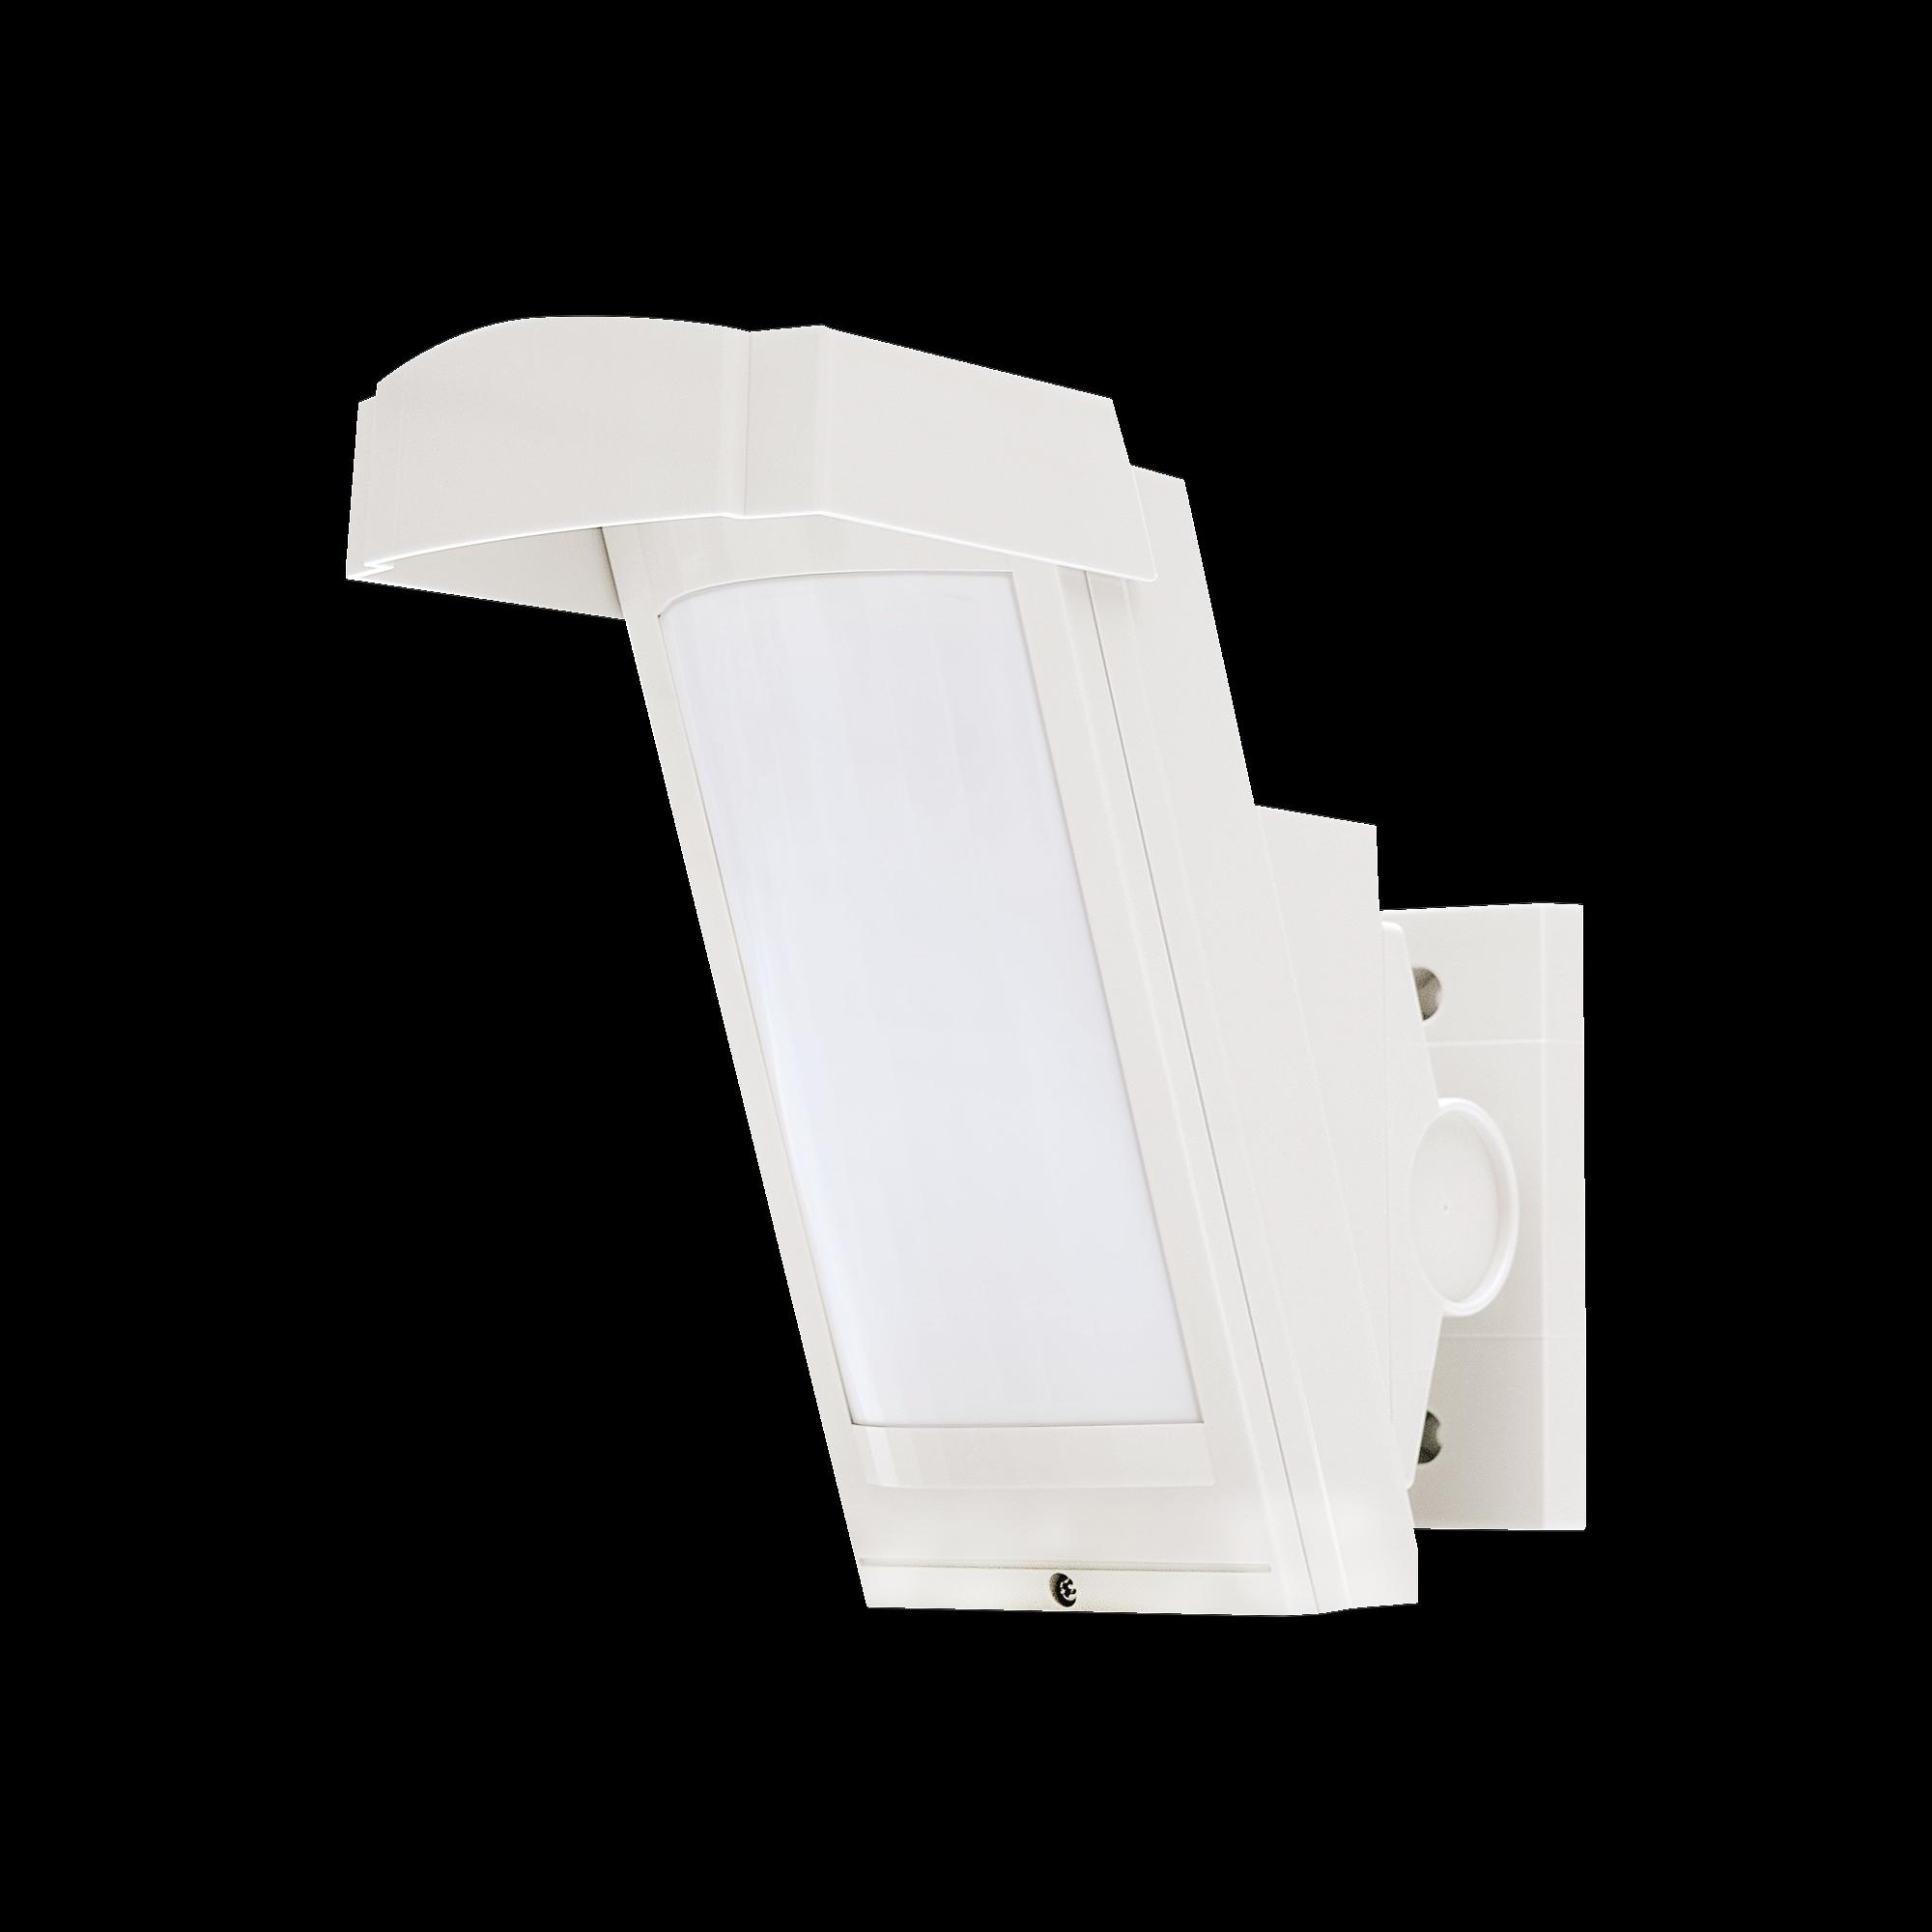 Detector de Movimiento PIR Antimascara / 100% Exterior /  Inalambrico (Alimentación) / Hasta 12 metros a 85?; de cobertura/ Instalación a 3 metros / Compatible con cualquier panel de alarma